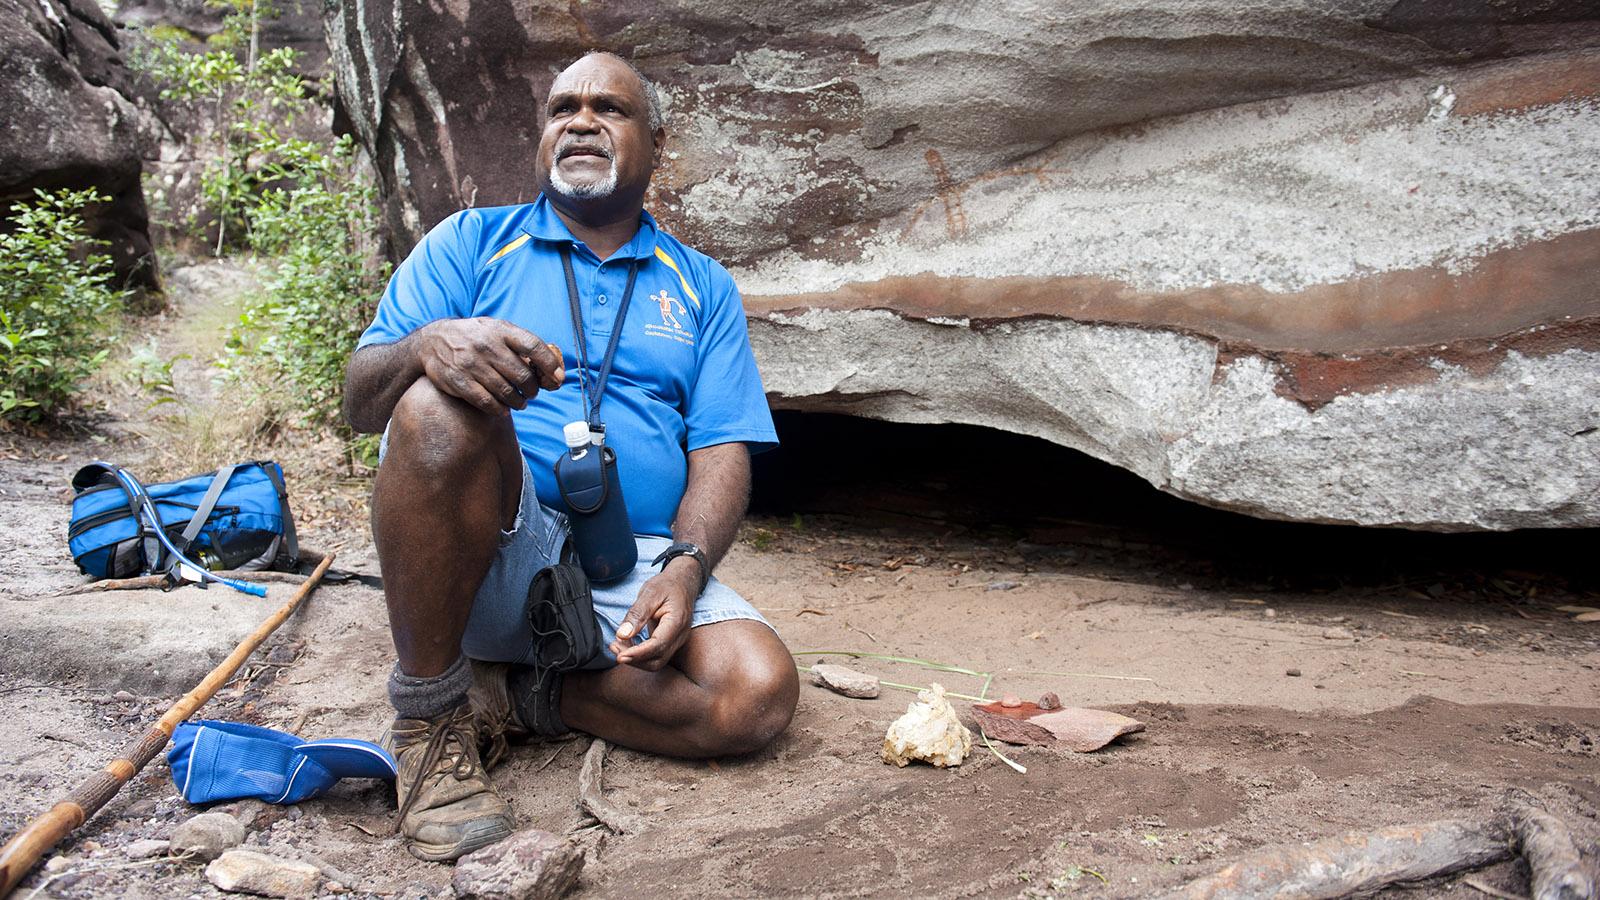 Bama Way: Willie Gordon zeigt sein Stammesland. Foto: Hilke Maunder